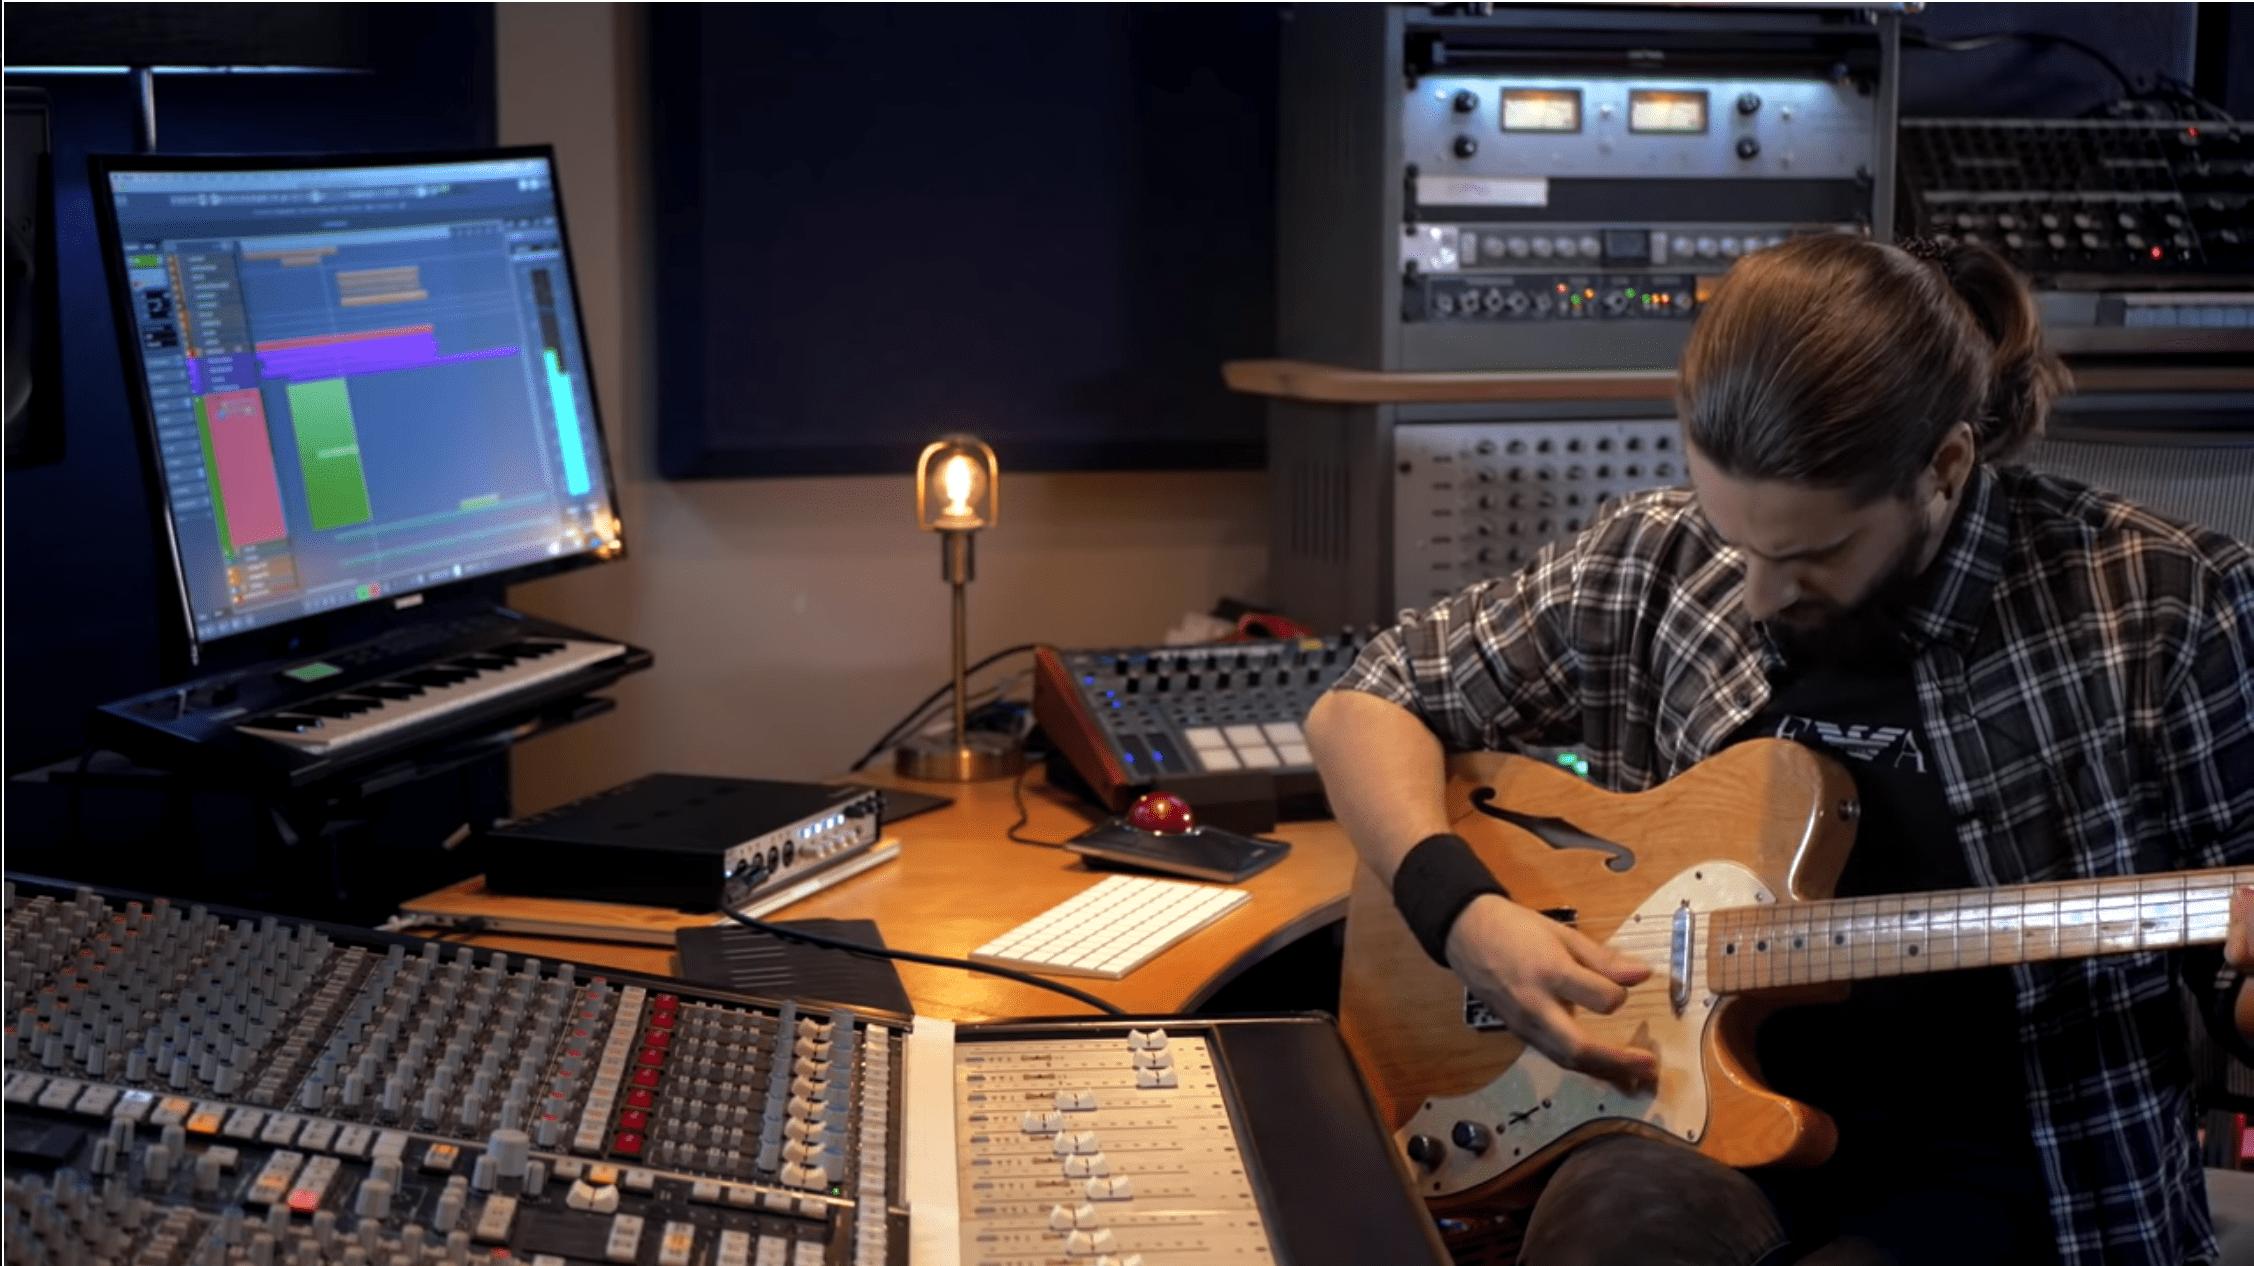 Guitarrista en estudio de sonido grabando con guitarra en Cubase